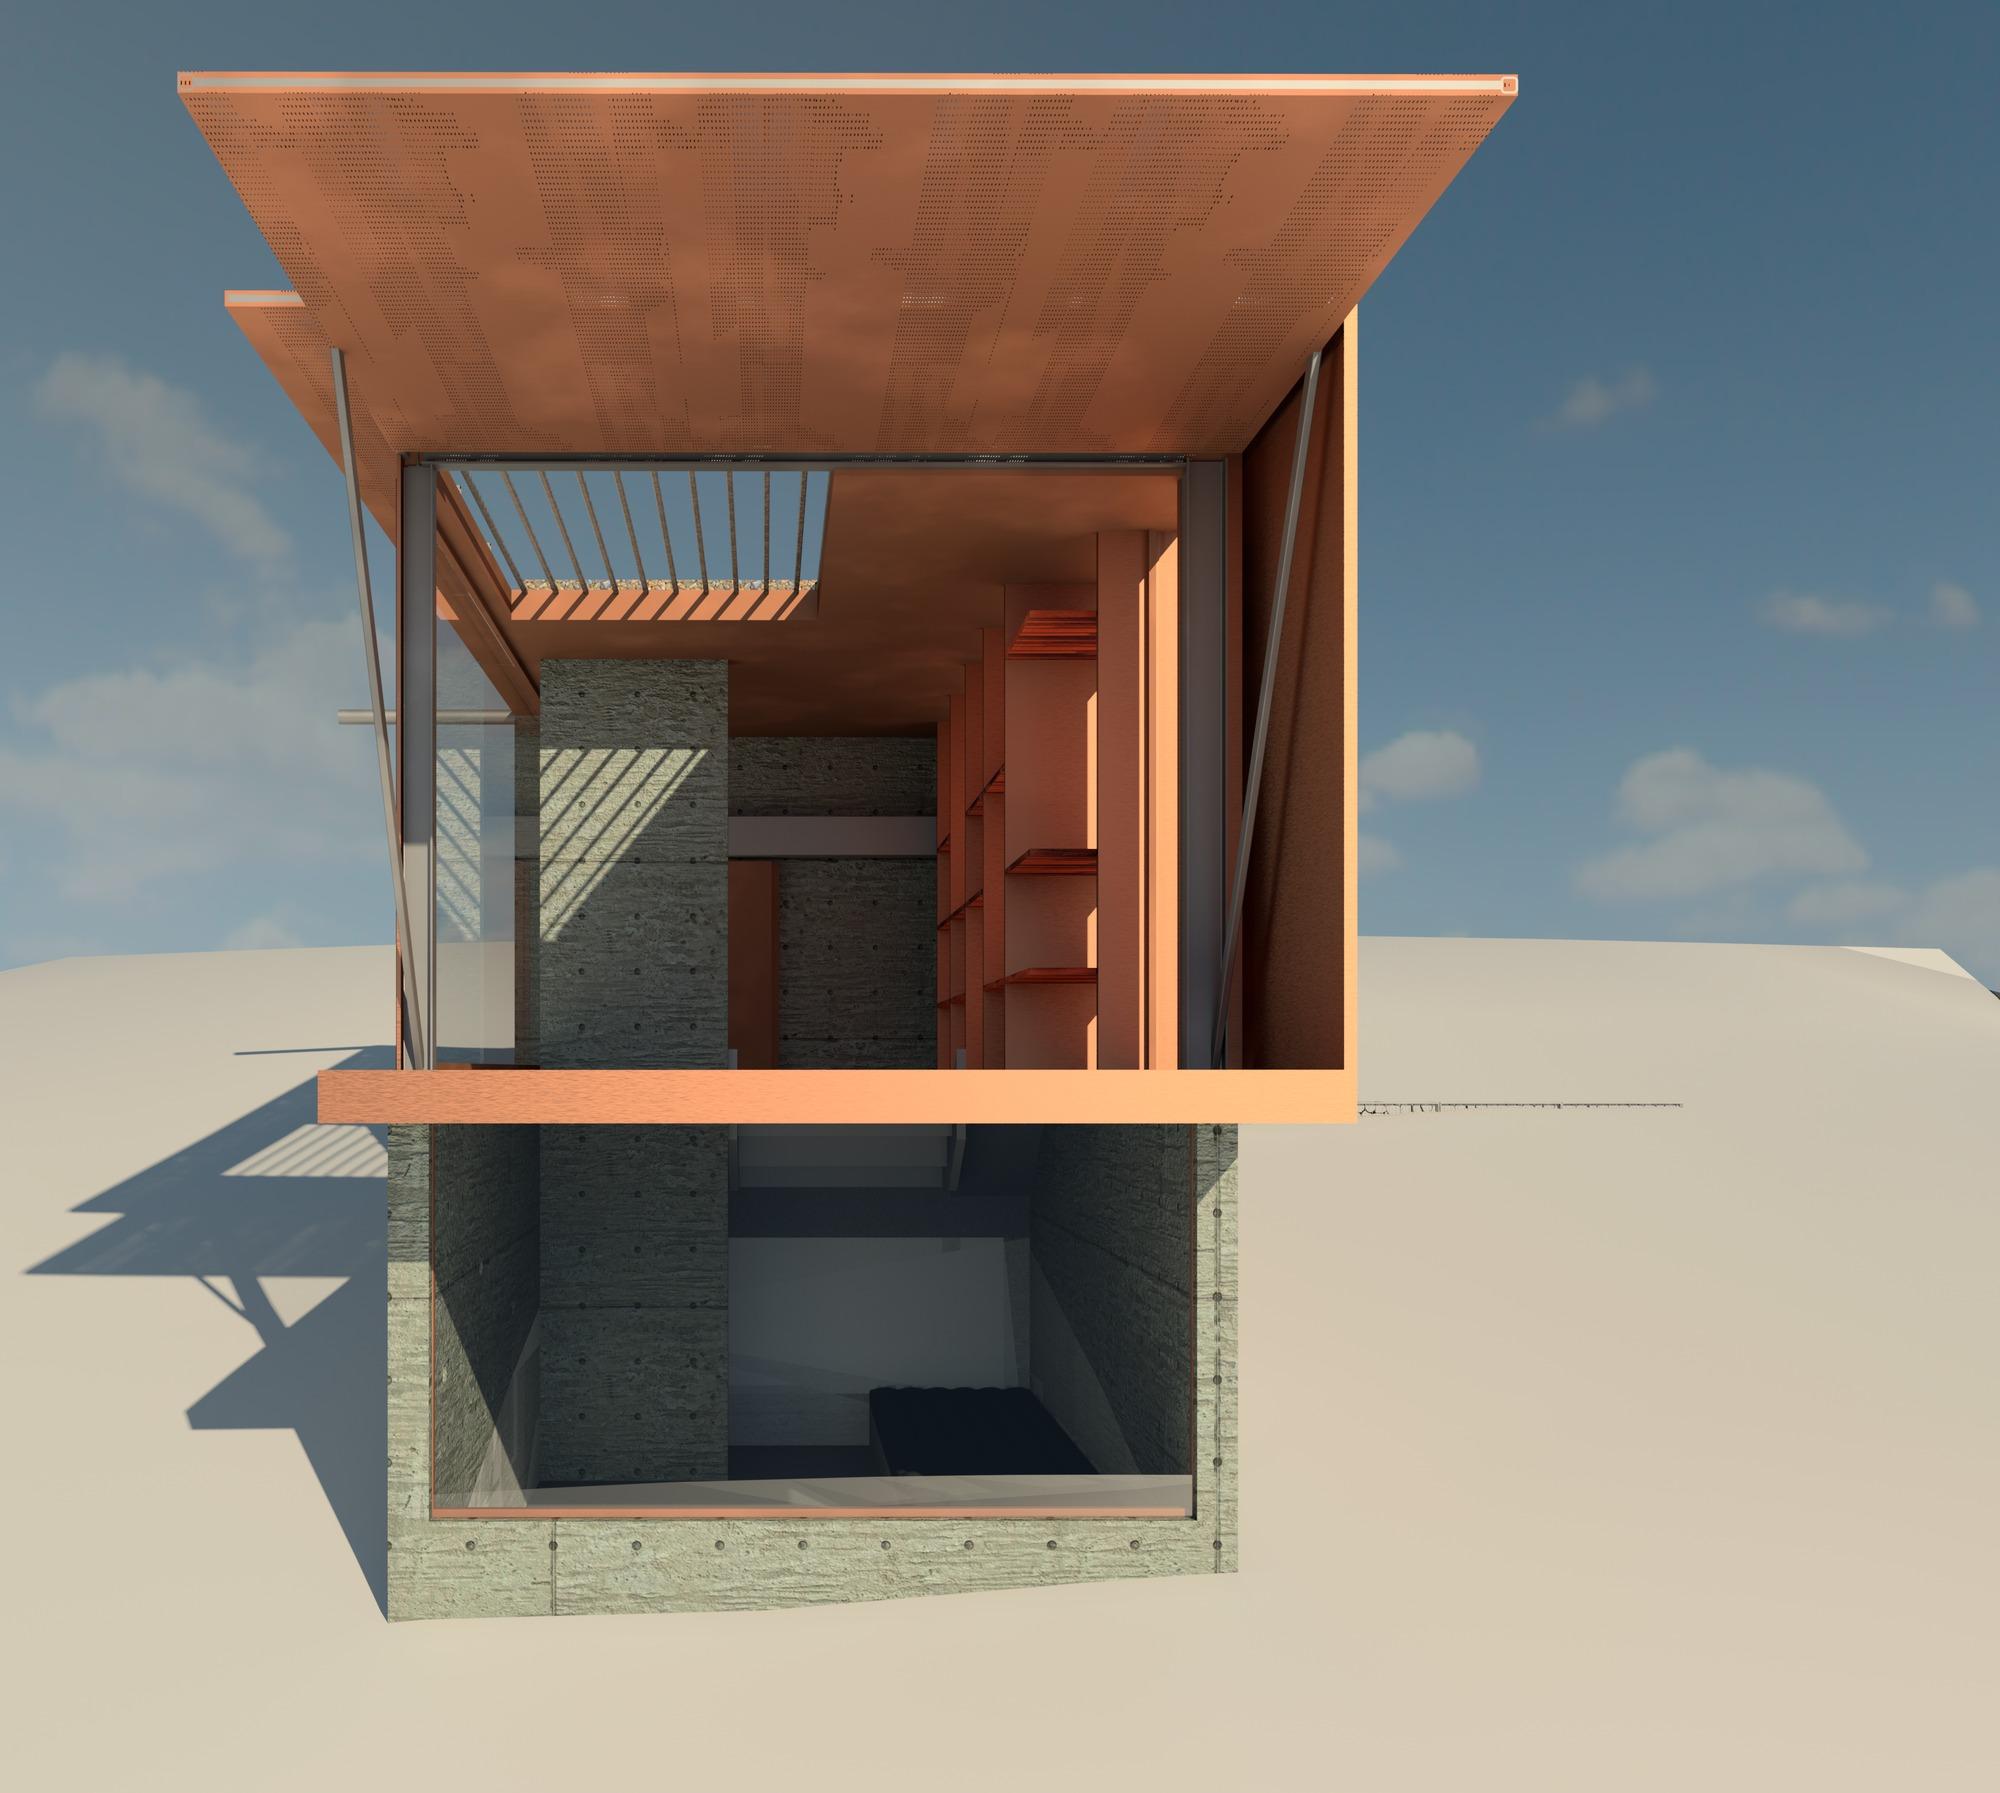 Raas-rendering20141023-18574-tbmtdg